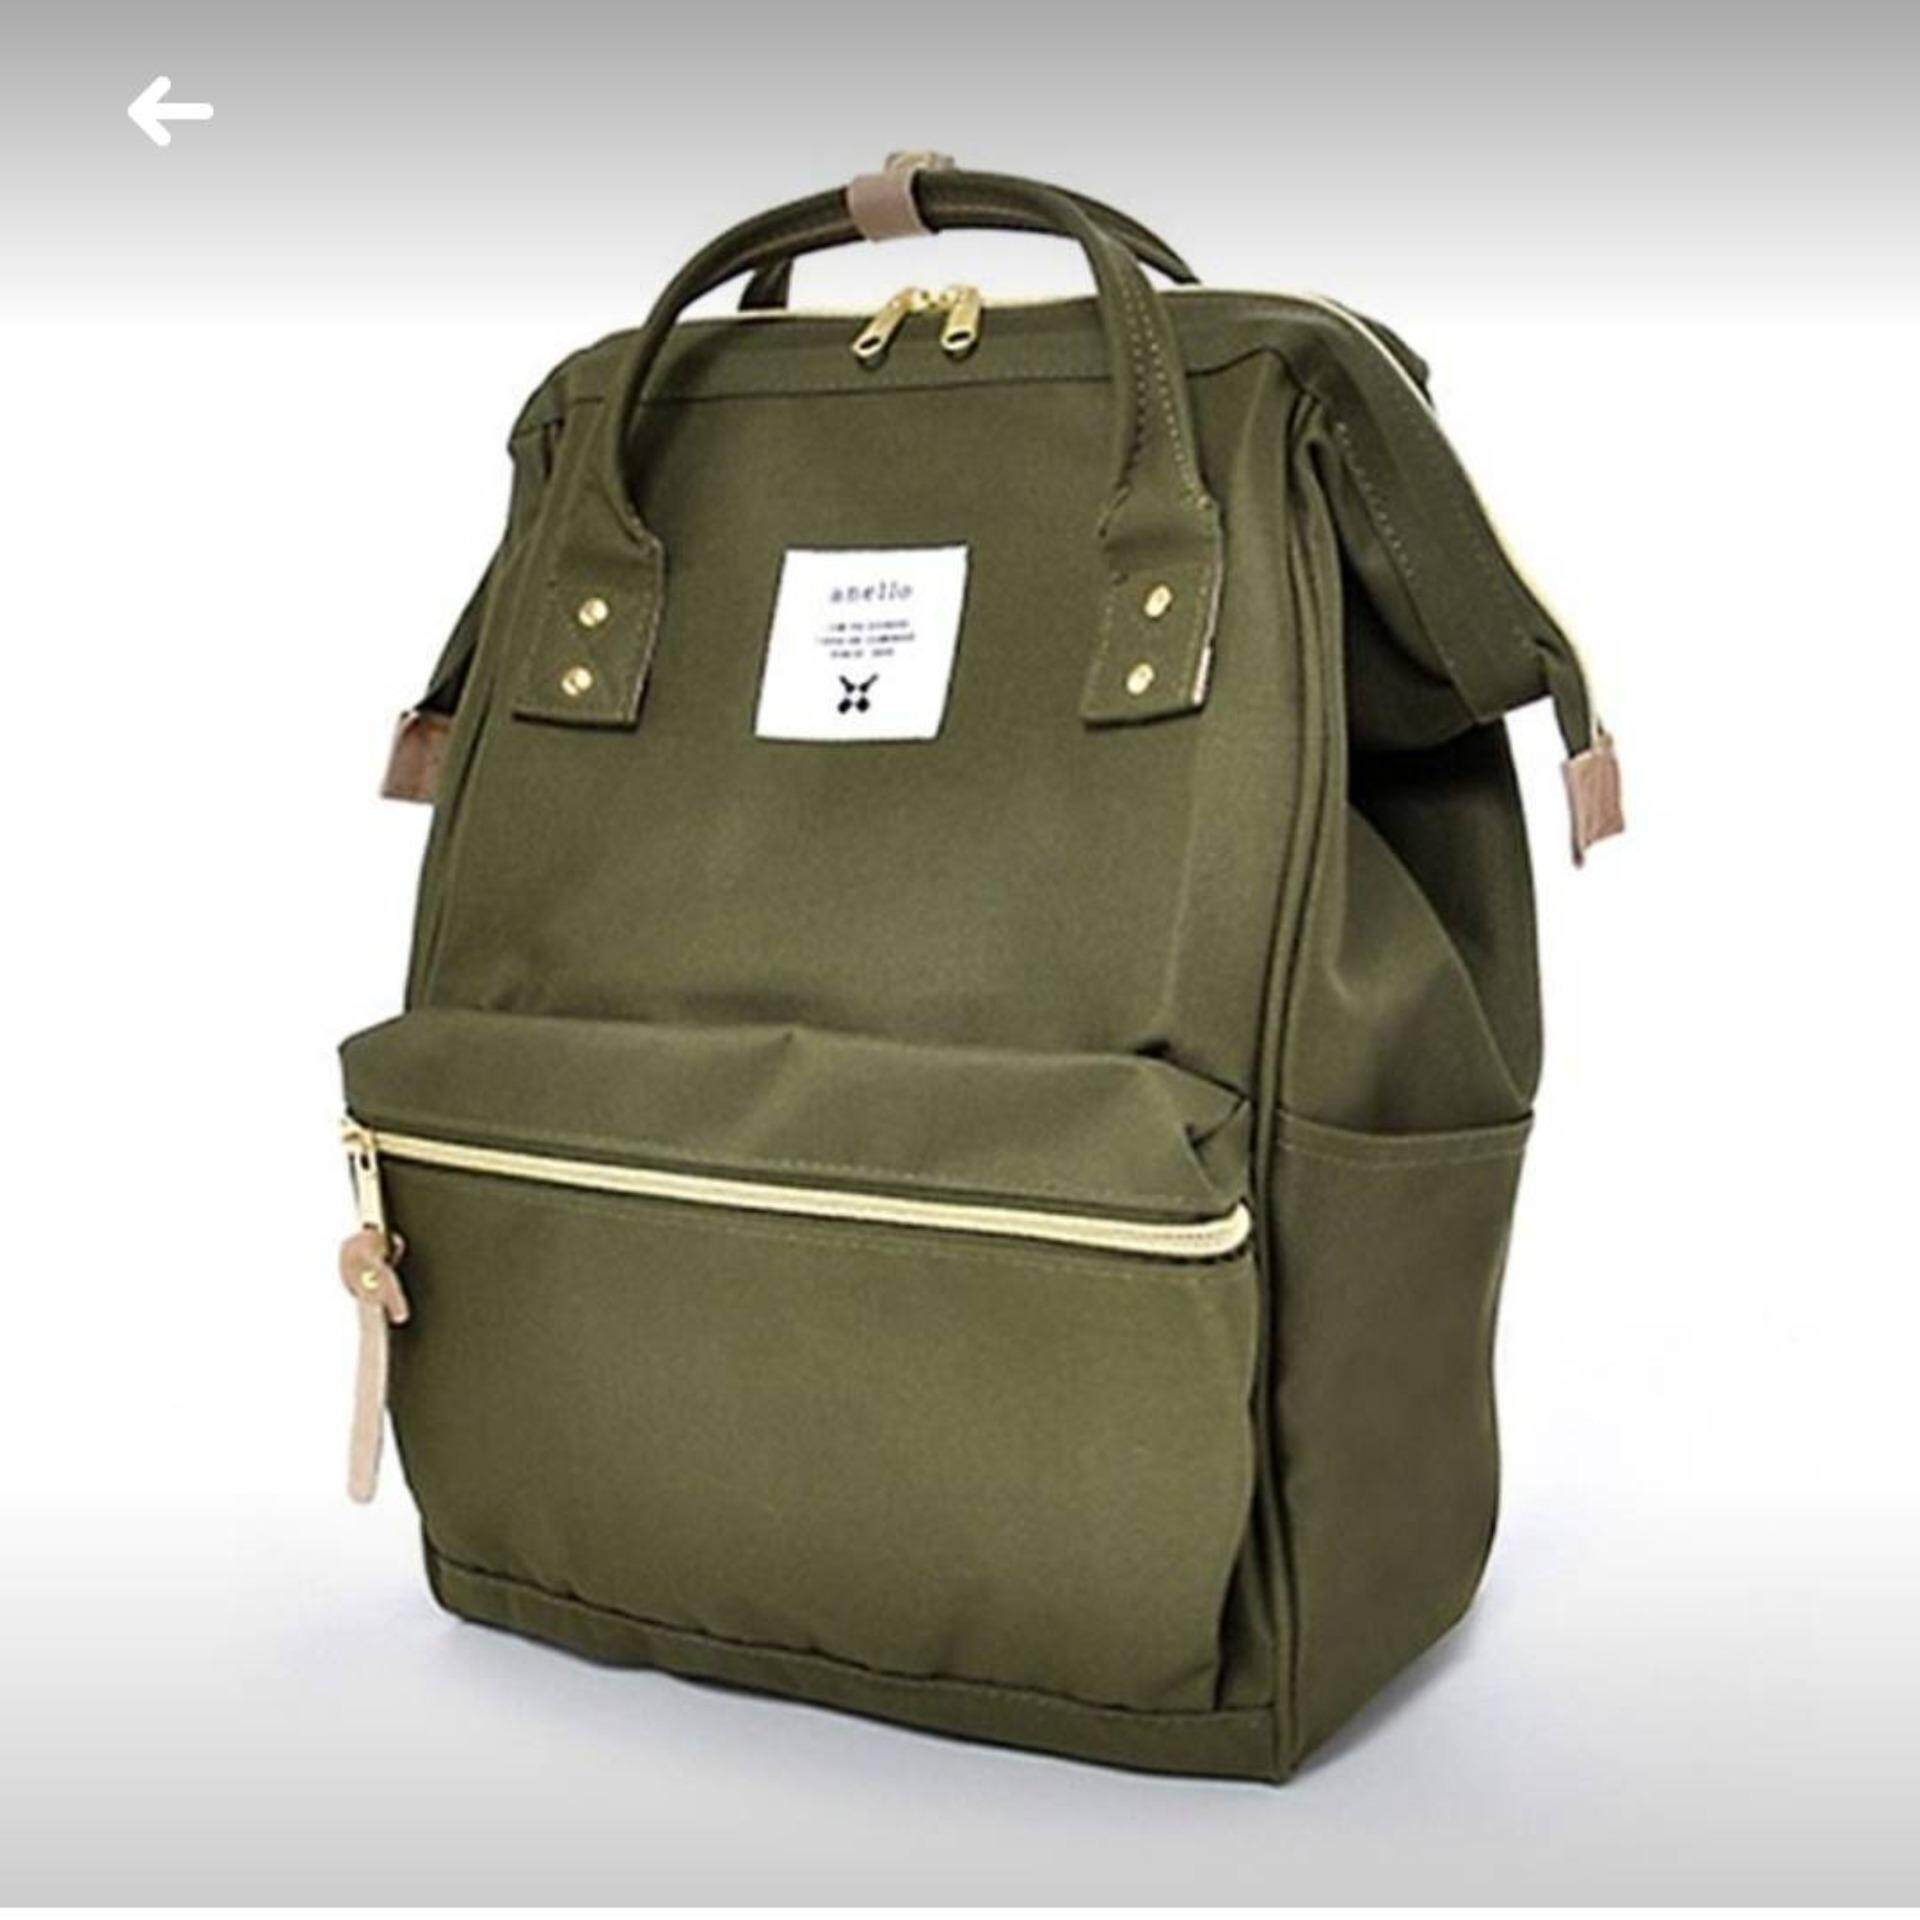 ยี่ห้อไหนดี  ปทุมธานี Anello Regular Backpack เขียวขี้ม้า